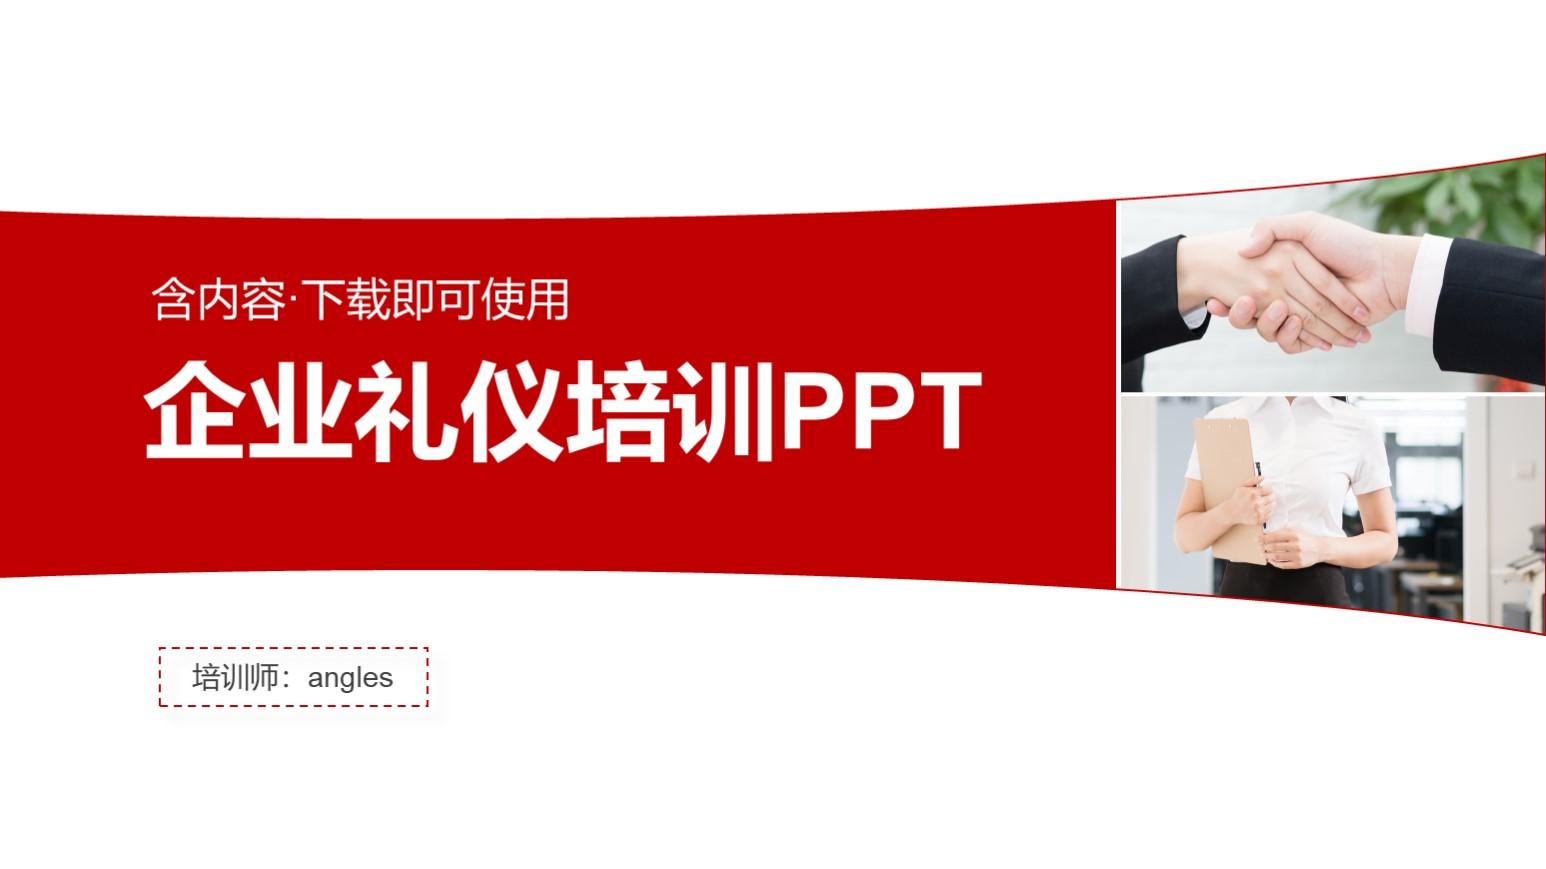 企业新员工入职商务礼仪培训PPT.pptx